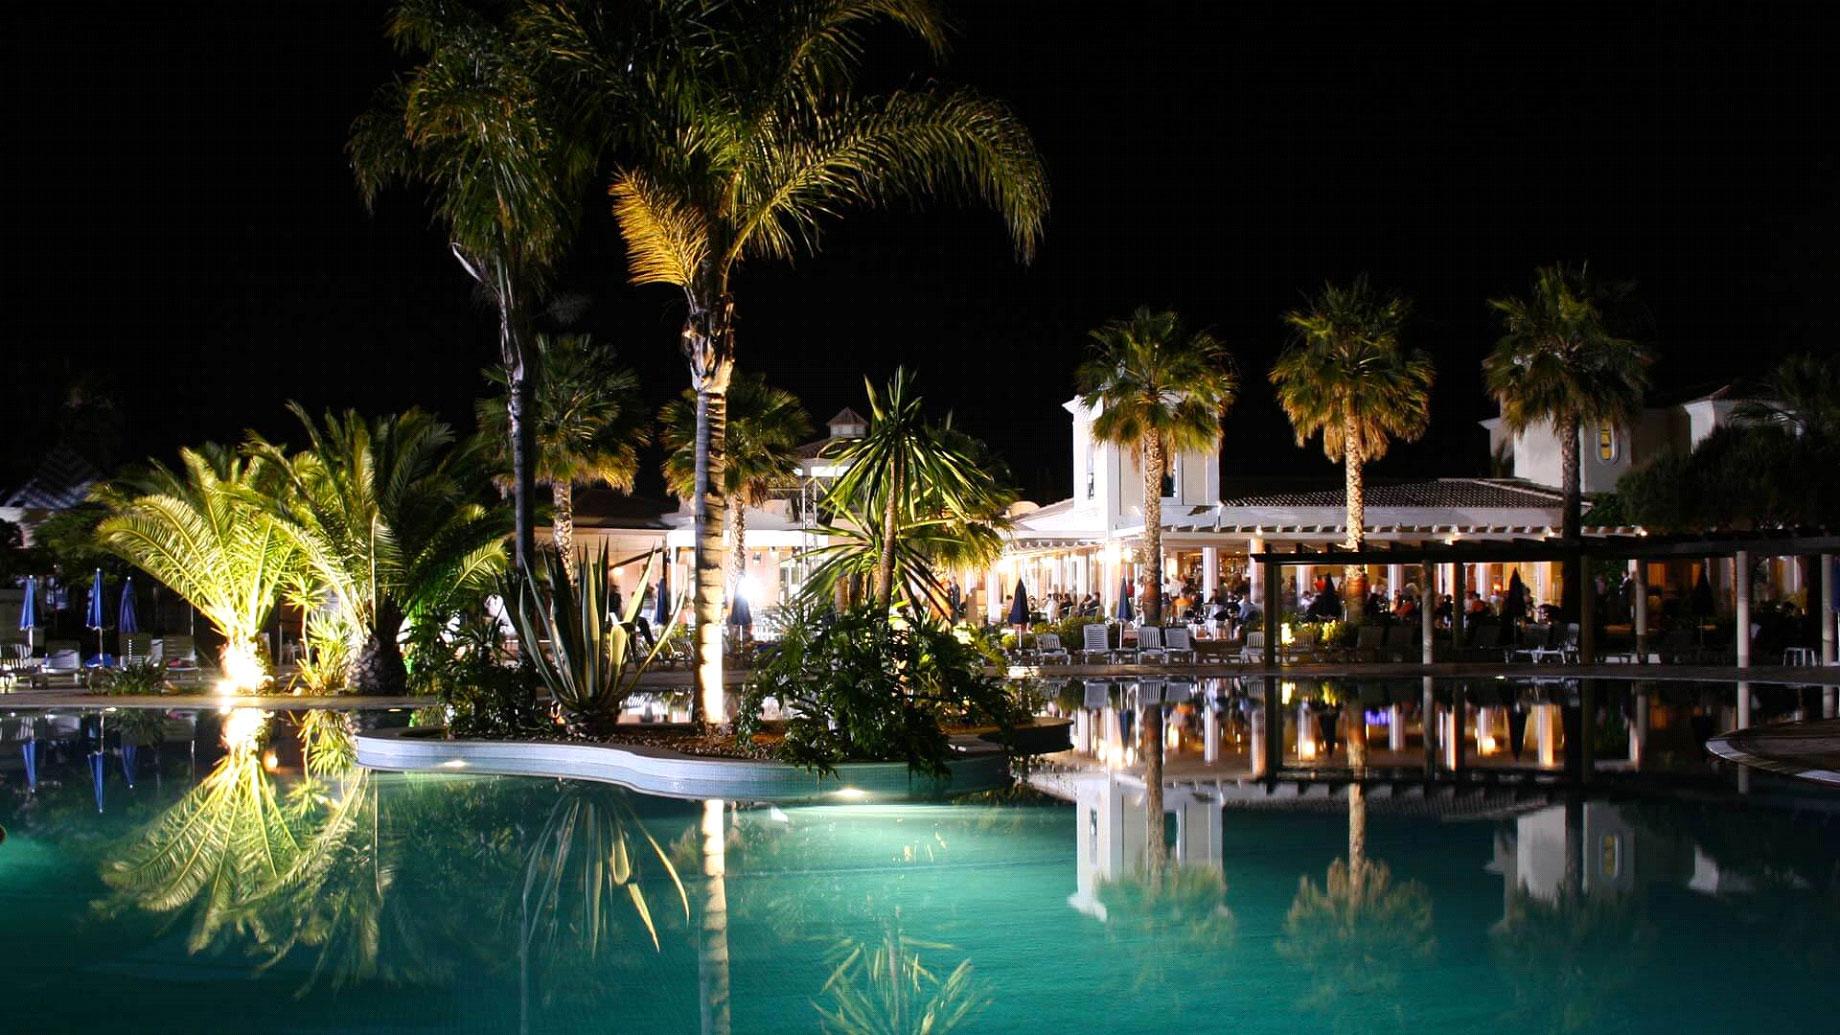 Adriana Beach Club Hotel Resort Portugal Algarve Faro Albufeira